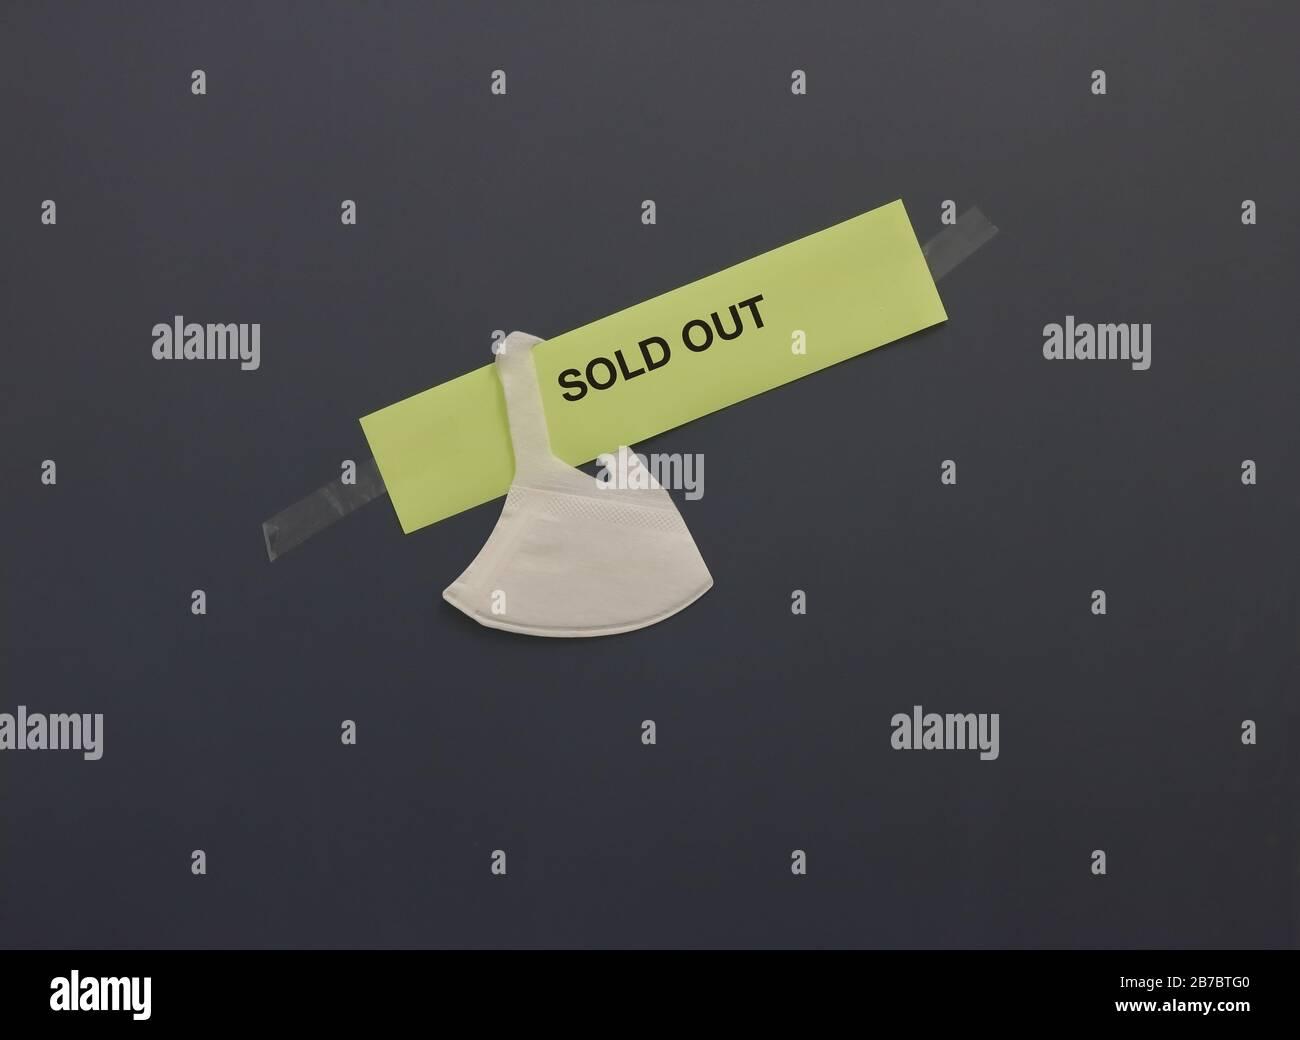 Maschera chirurgica appesa sul cartello di carta con le parole ESAURITE attaccate sul vetro colorato di un negozio. Persone che schermano maschera facciale come risultato di covid19 focolaio Foto Stock